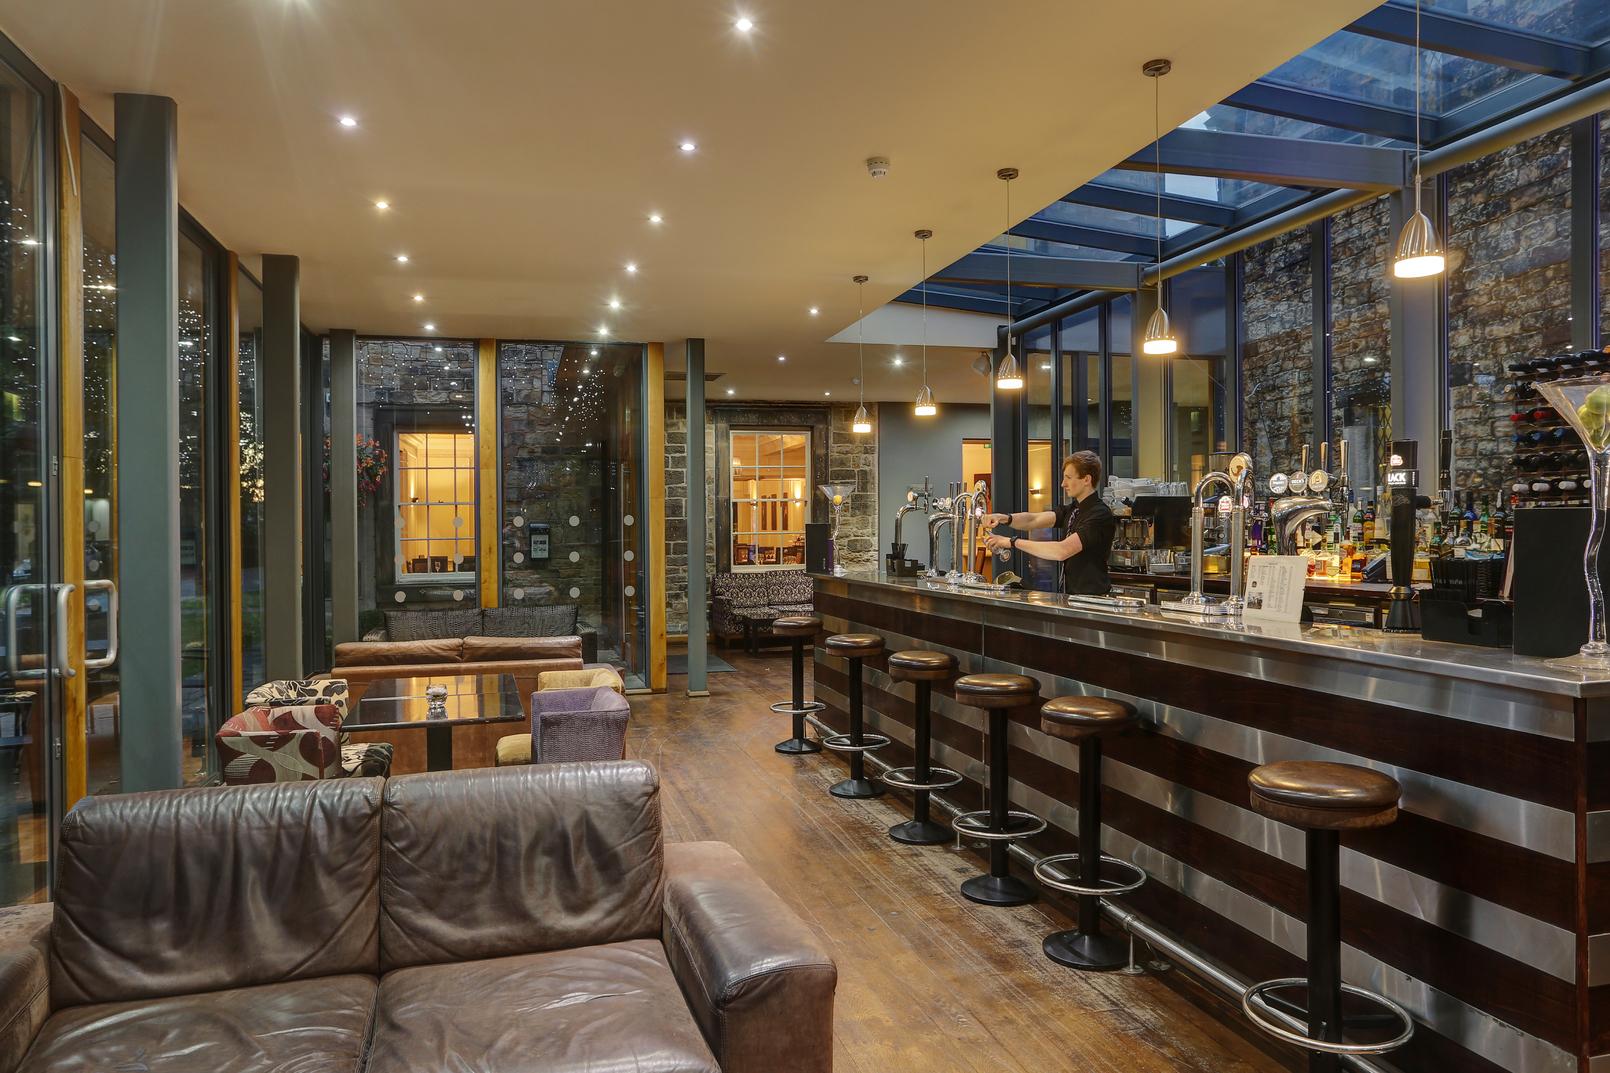 Best Western Plus Mosborough Hall Hotel